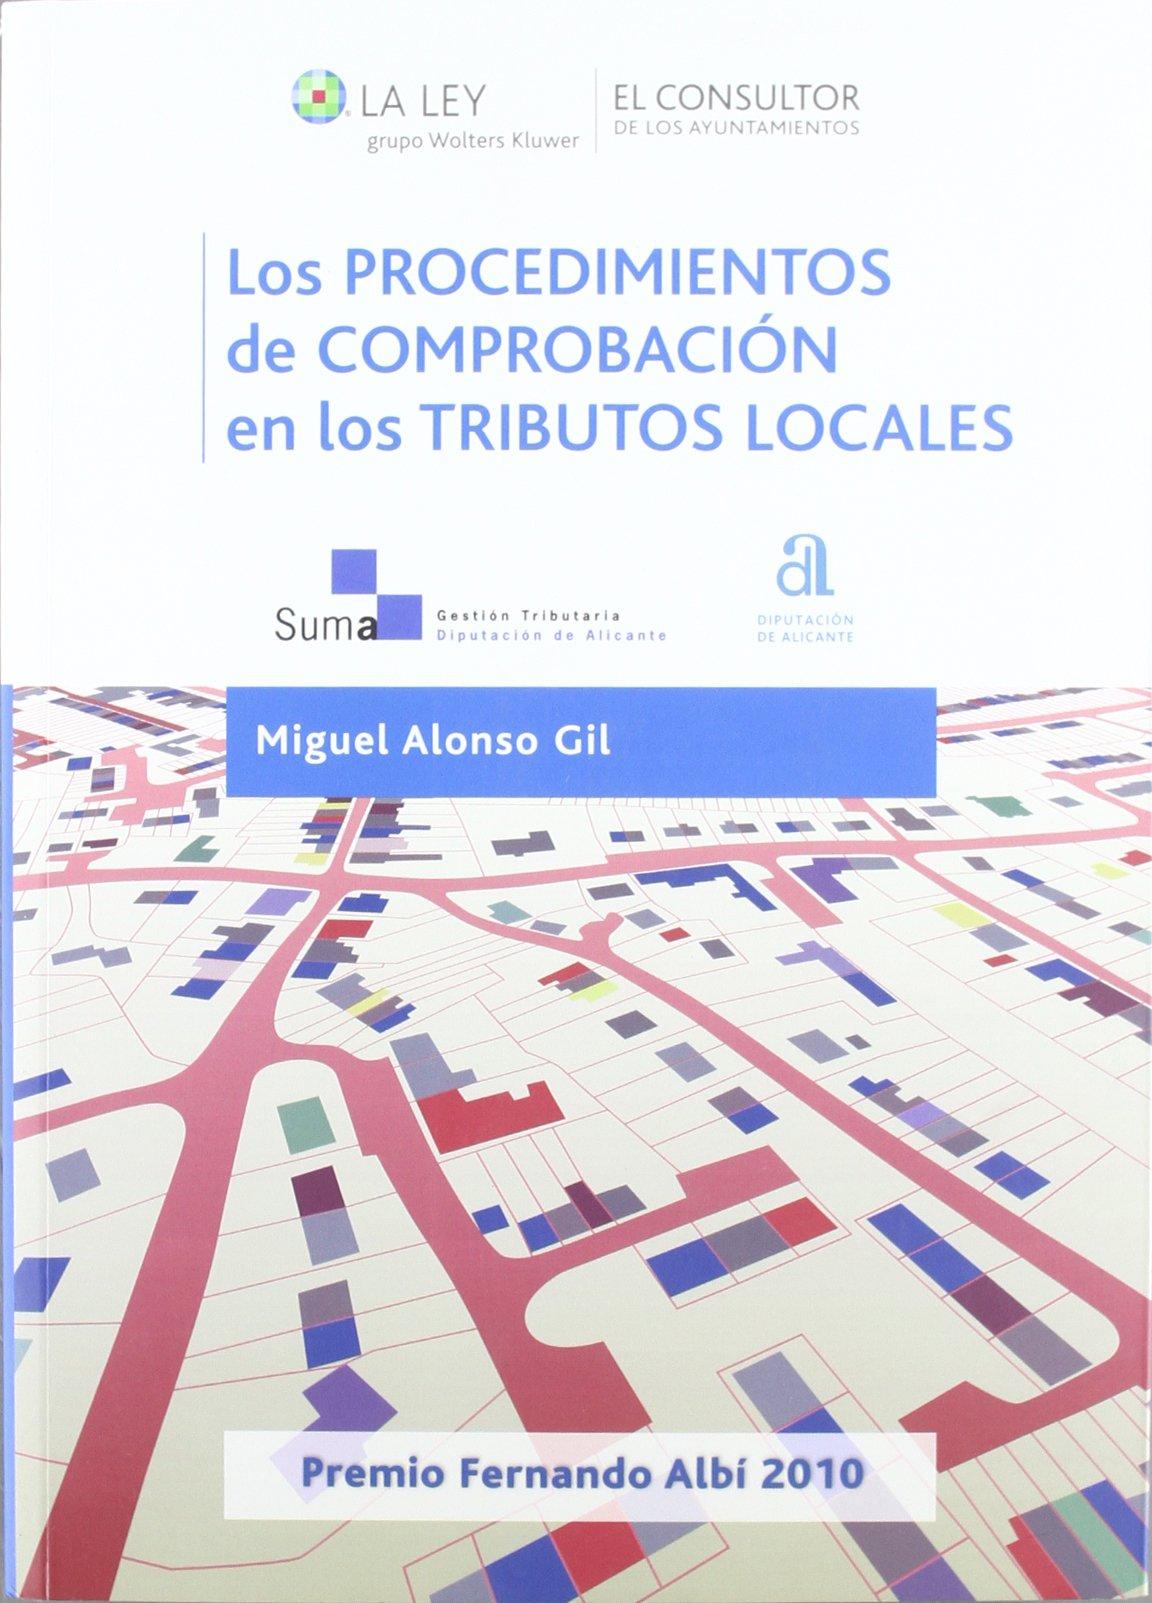 Los procedimientos de comprobación en los tributos locales: Amazon.es: Miguel Alonso Gil, José Manuel Tejerizo López, Luisa Pastor Lillo: Libros